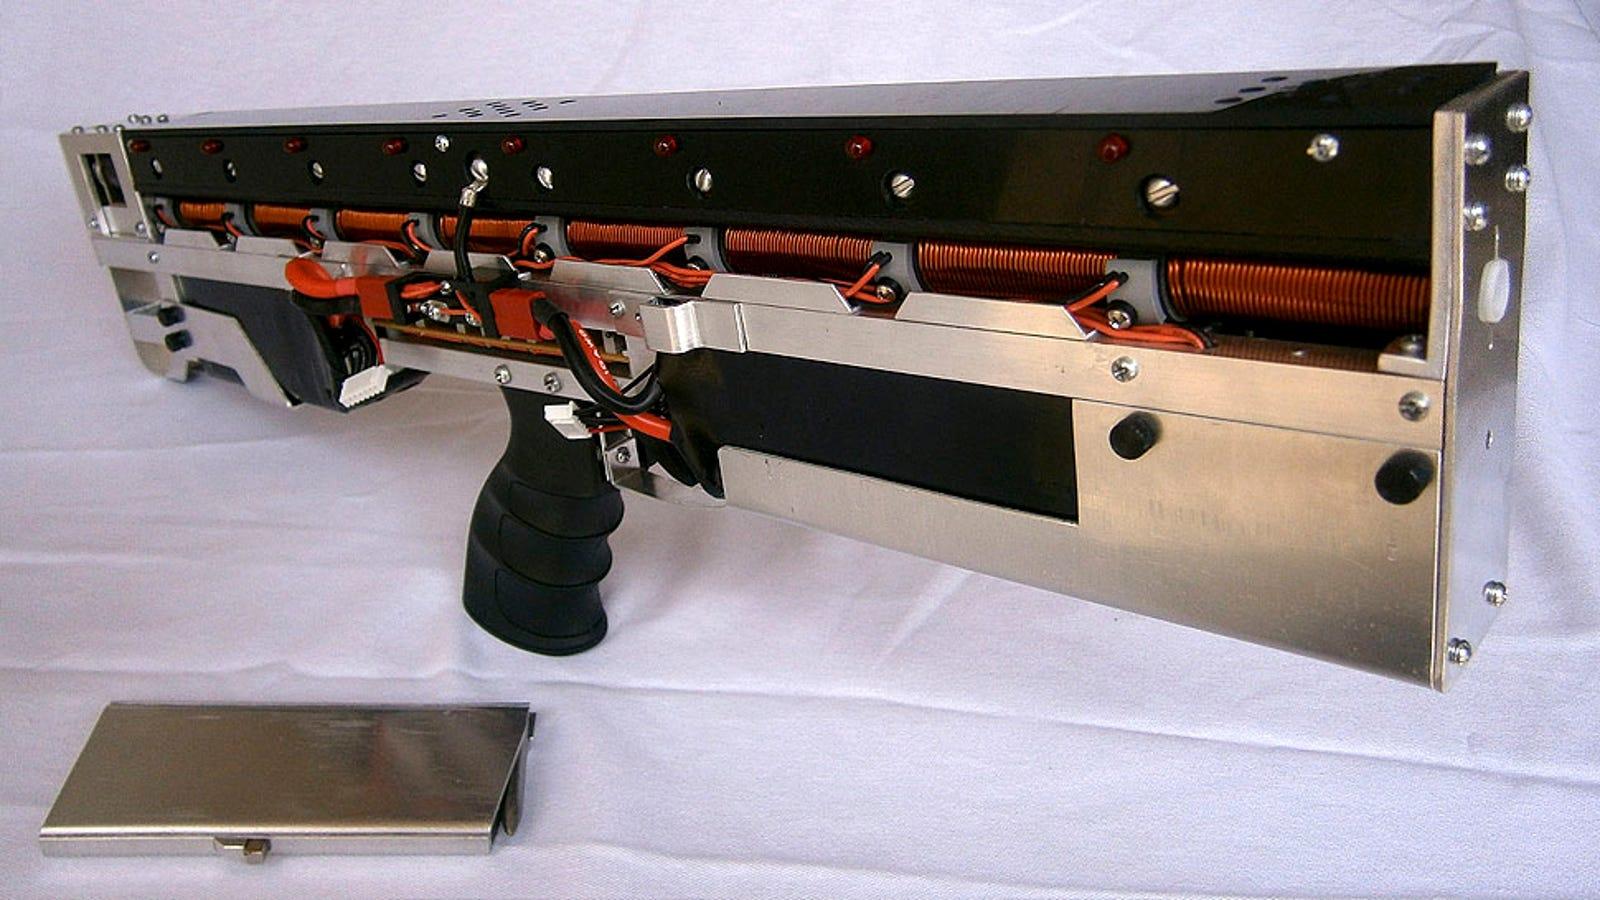 El rifle electromagnético ideal para destrozar portátiles